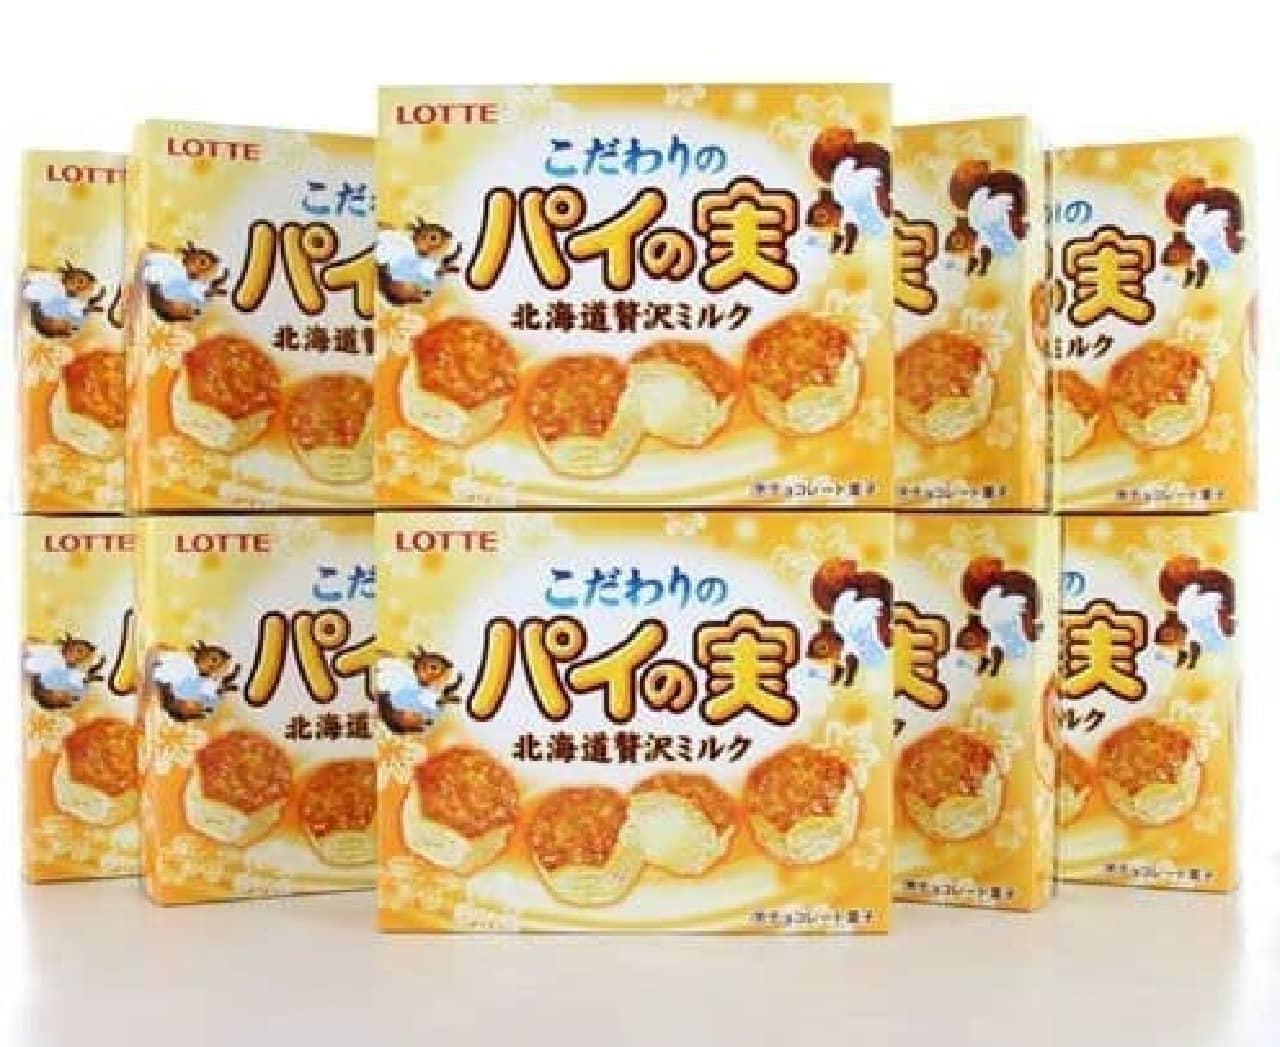 「こだわりのパイの実〈北海道贅沢ミルク〉」